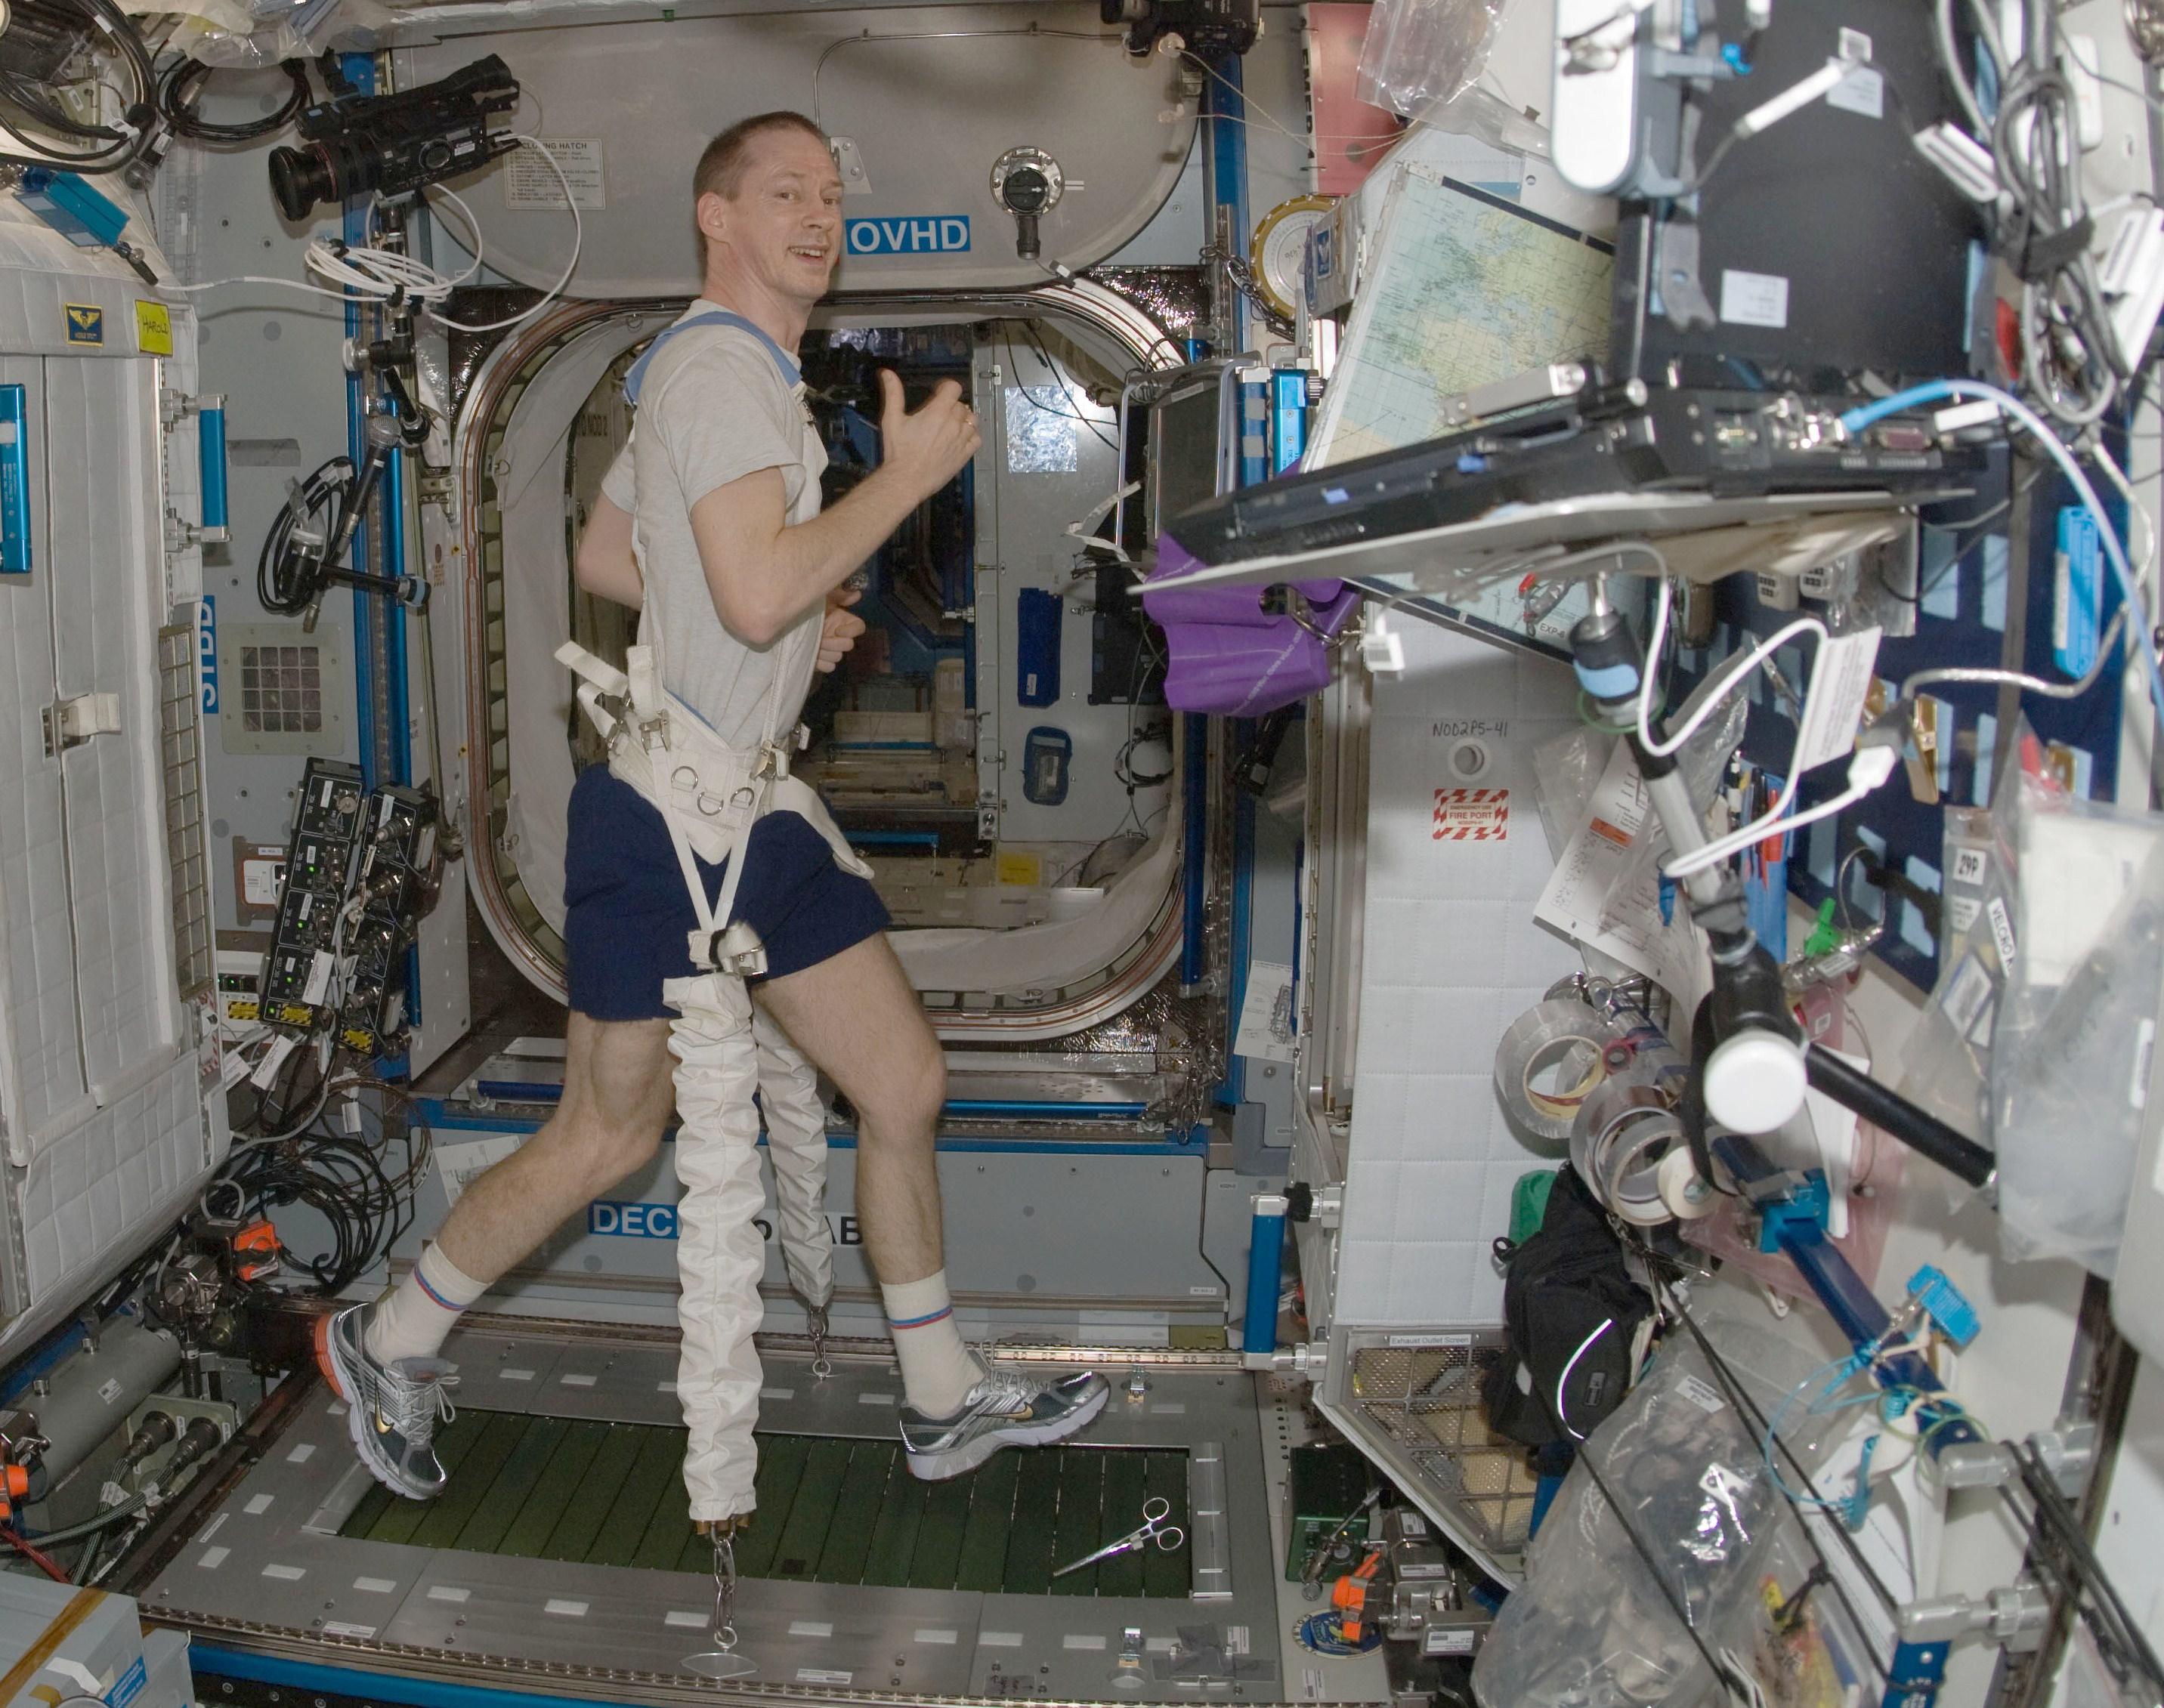 astronaut treadmill workout - photo #37